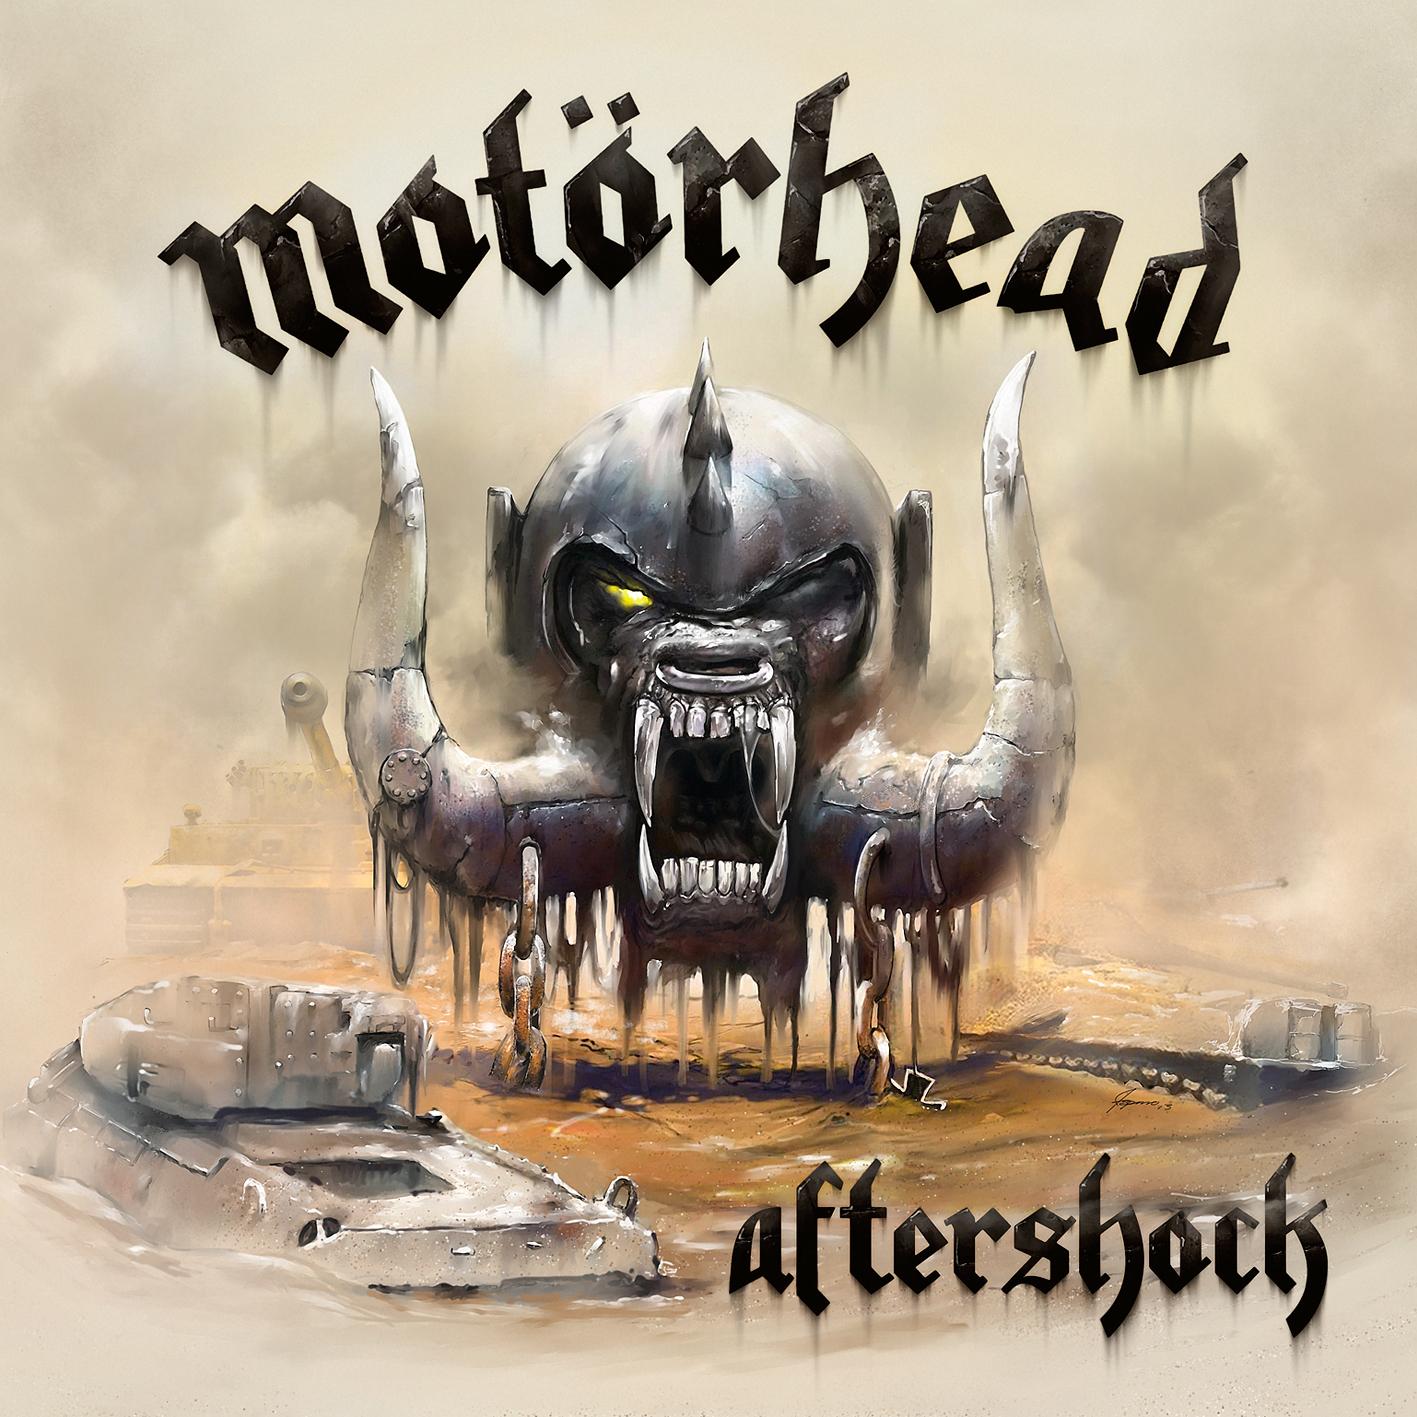 motorhead_aftershock.jpg